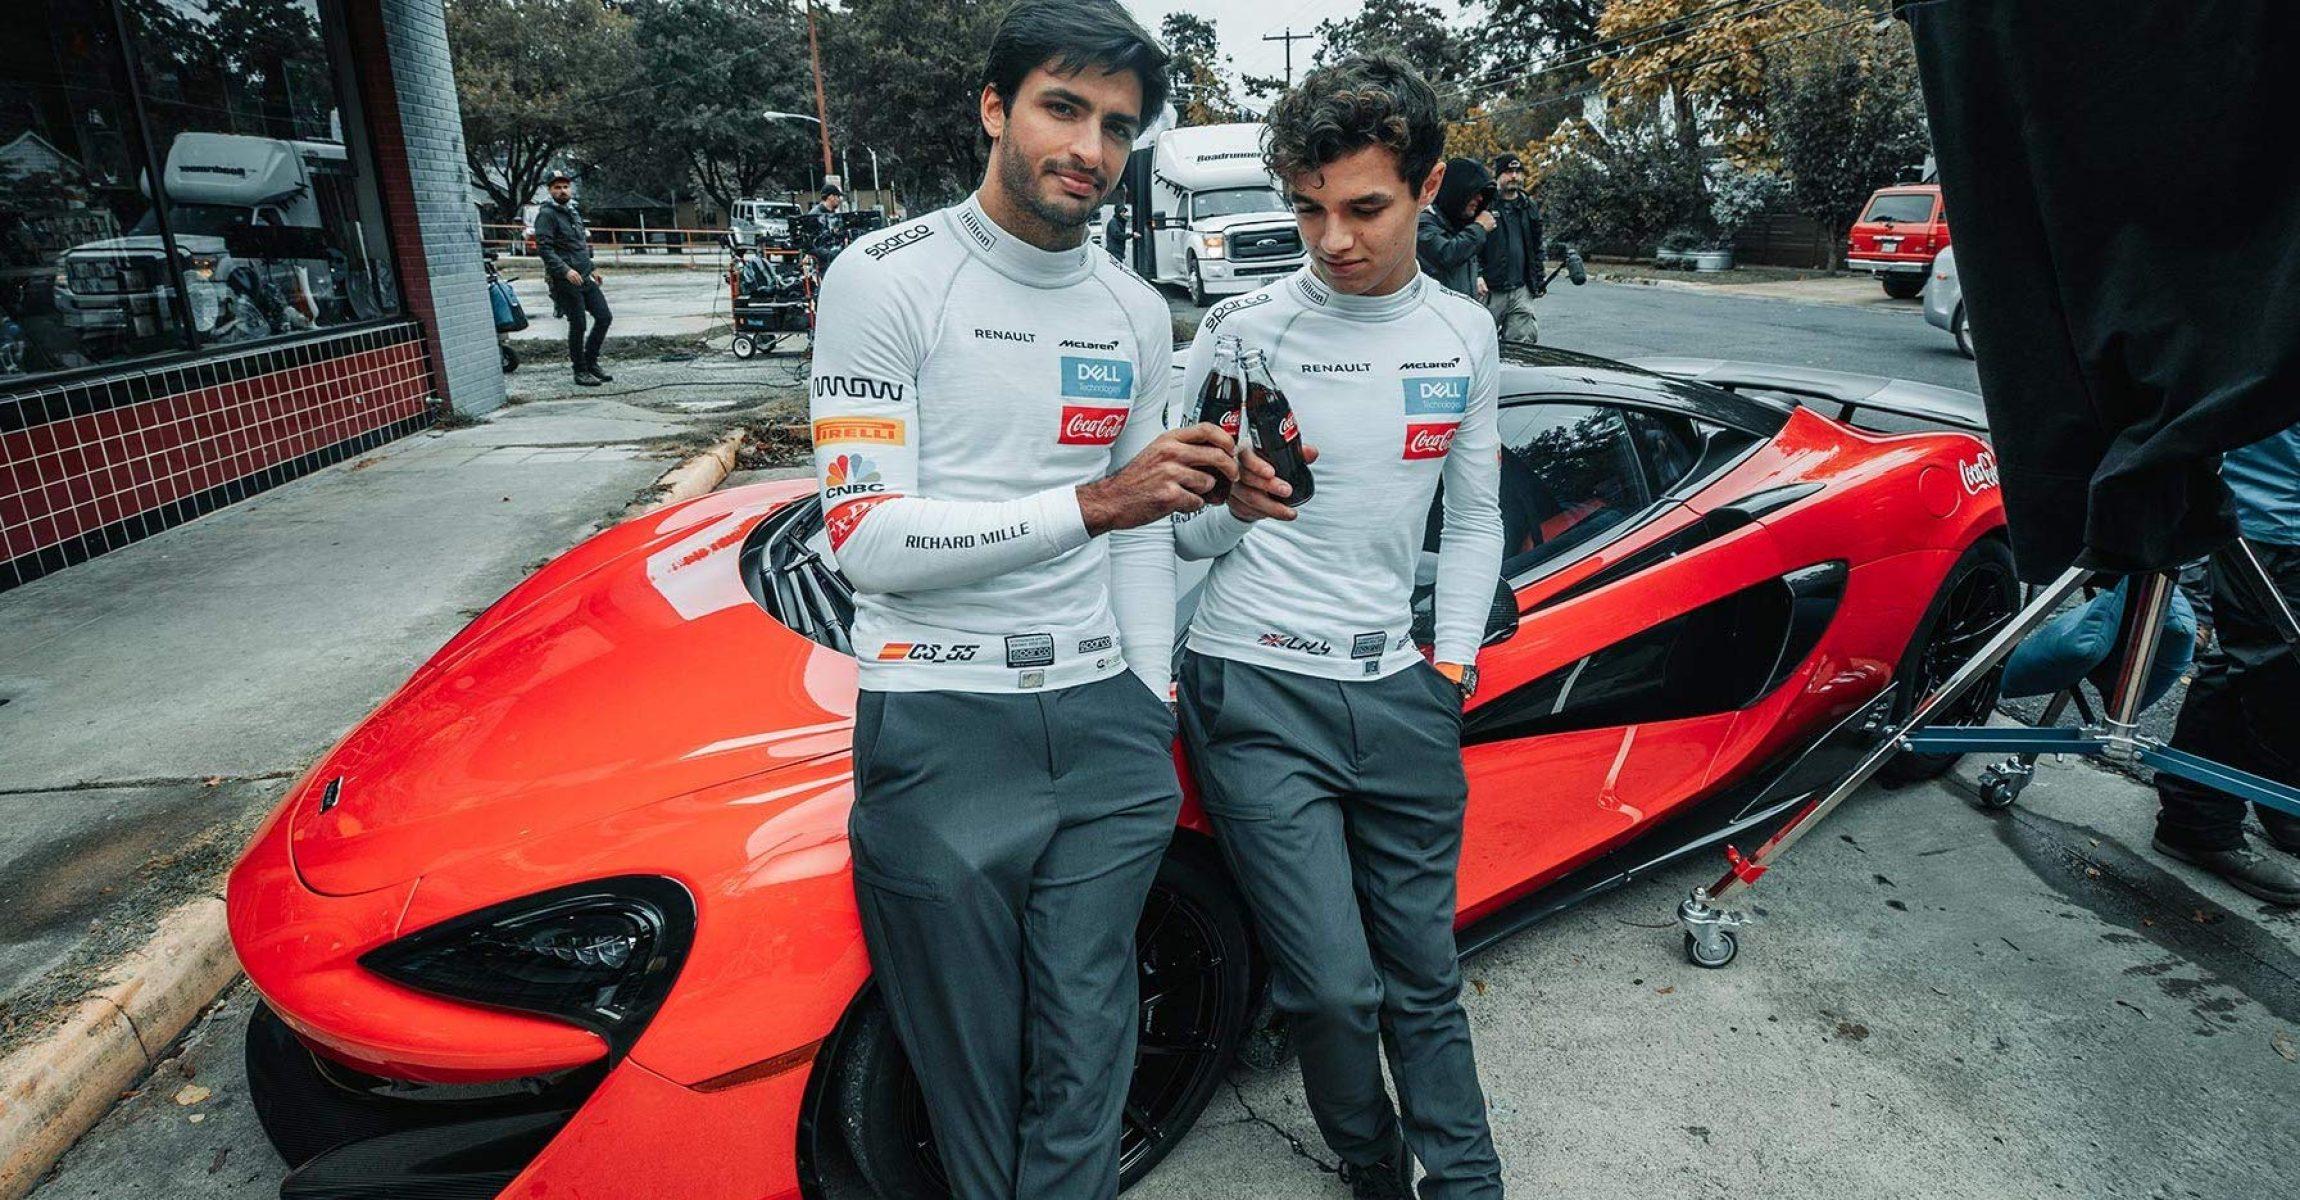 Carlos Sainz, McLaren, Coca Cola, Lando Norris, Amazon